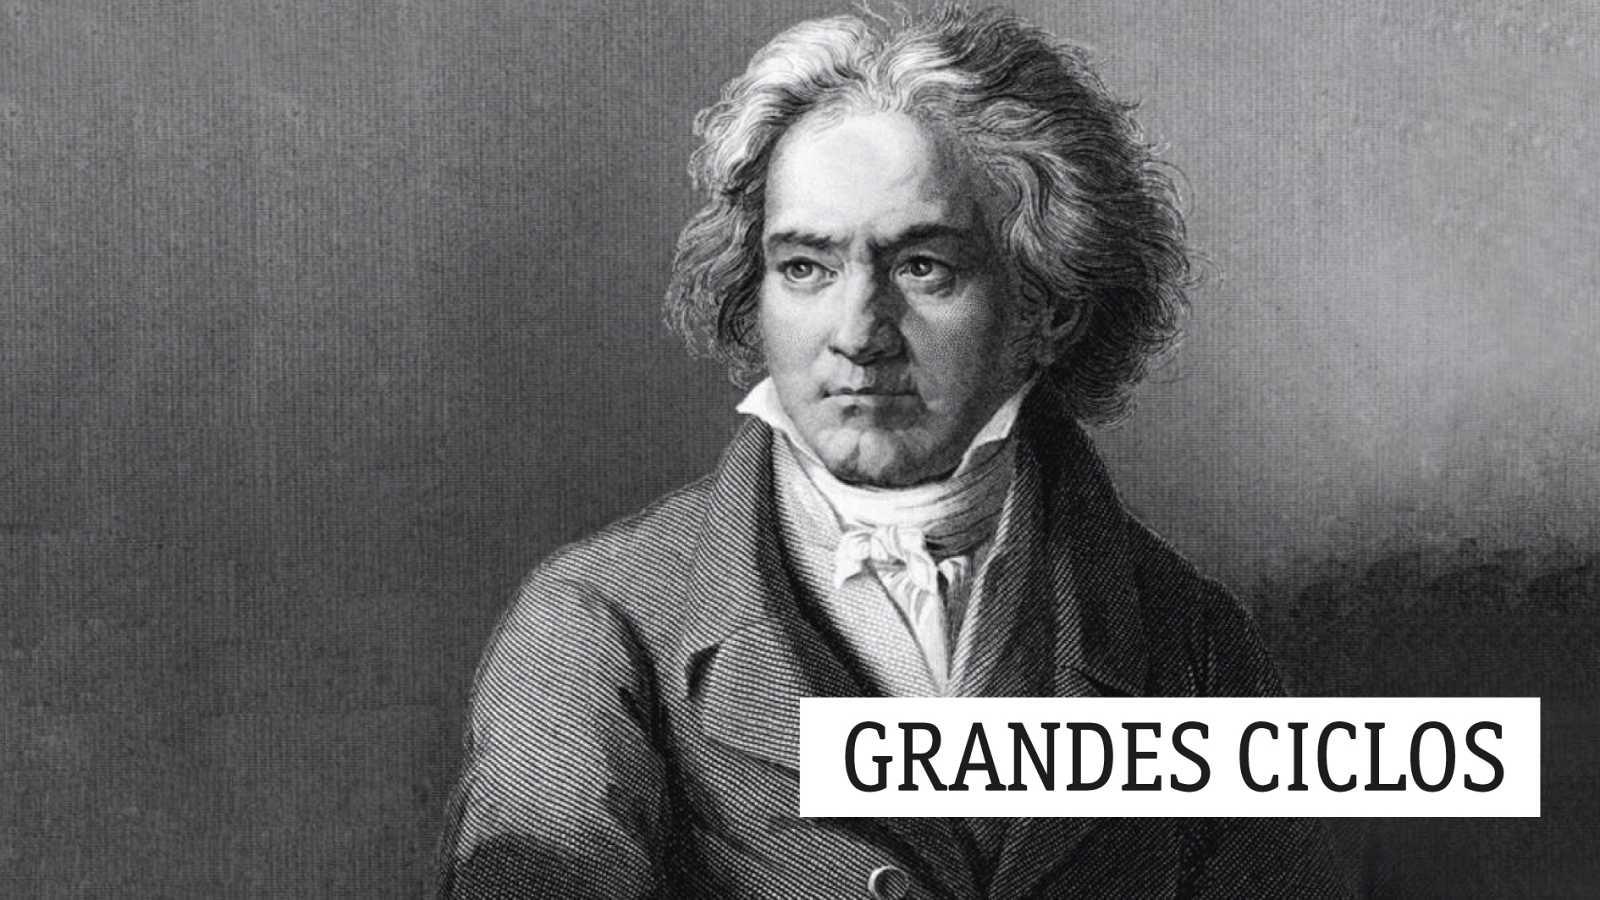 Grandes ciclos - L. van Beethoven (CXXXII): El Testamento de Heiligenstadt - 15/12/20 - escuchar ahora